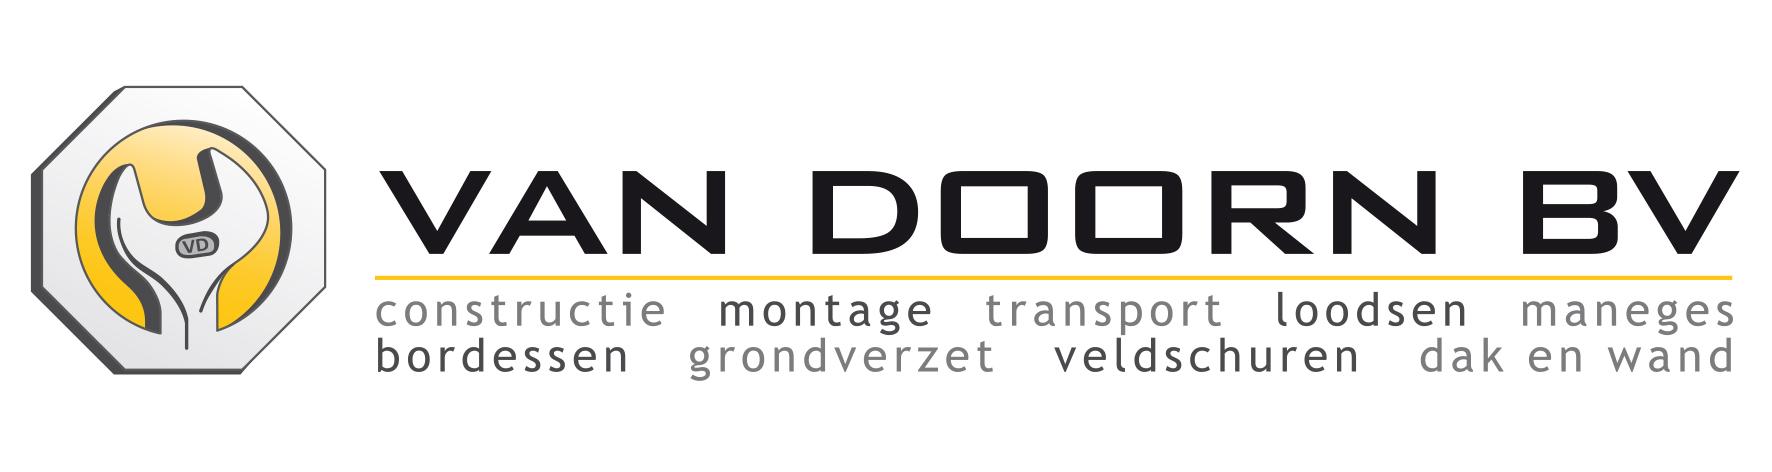 Van Doorn BV